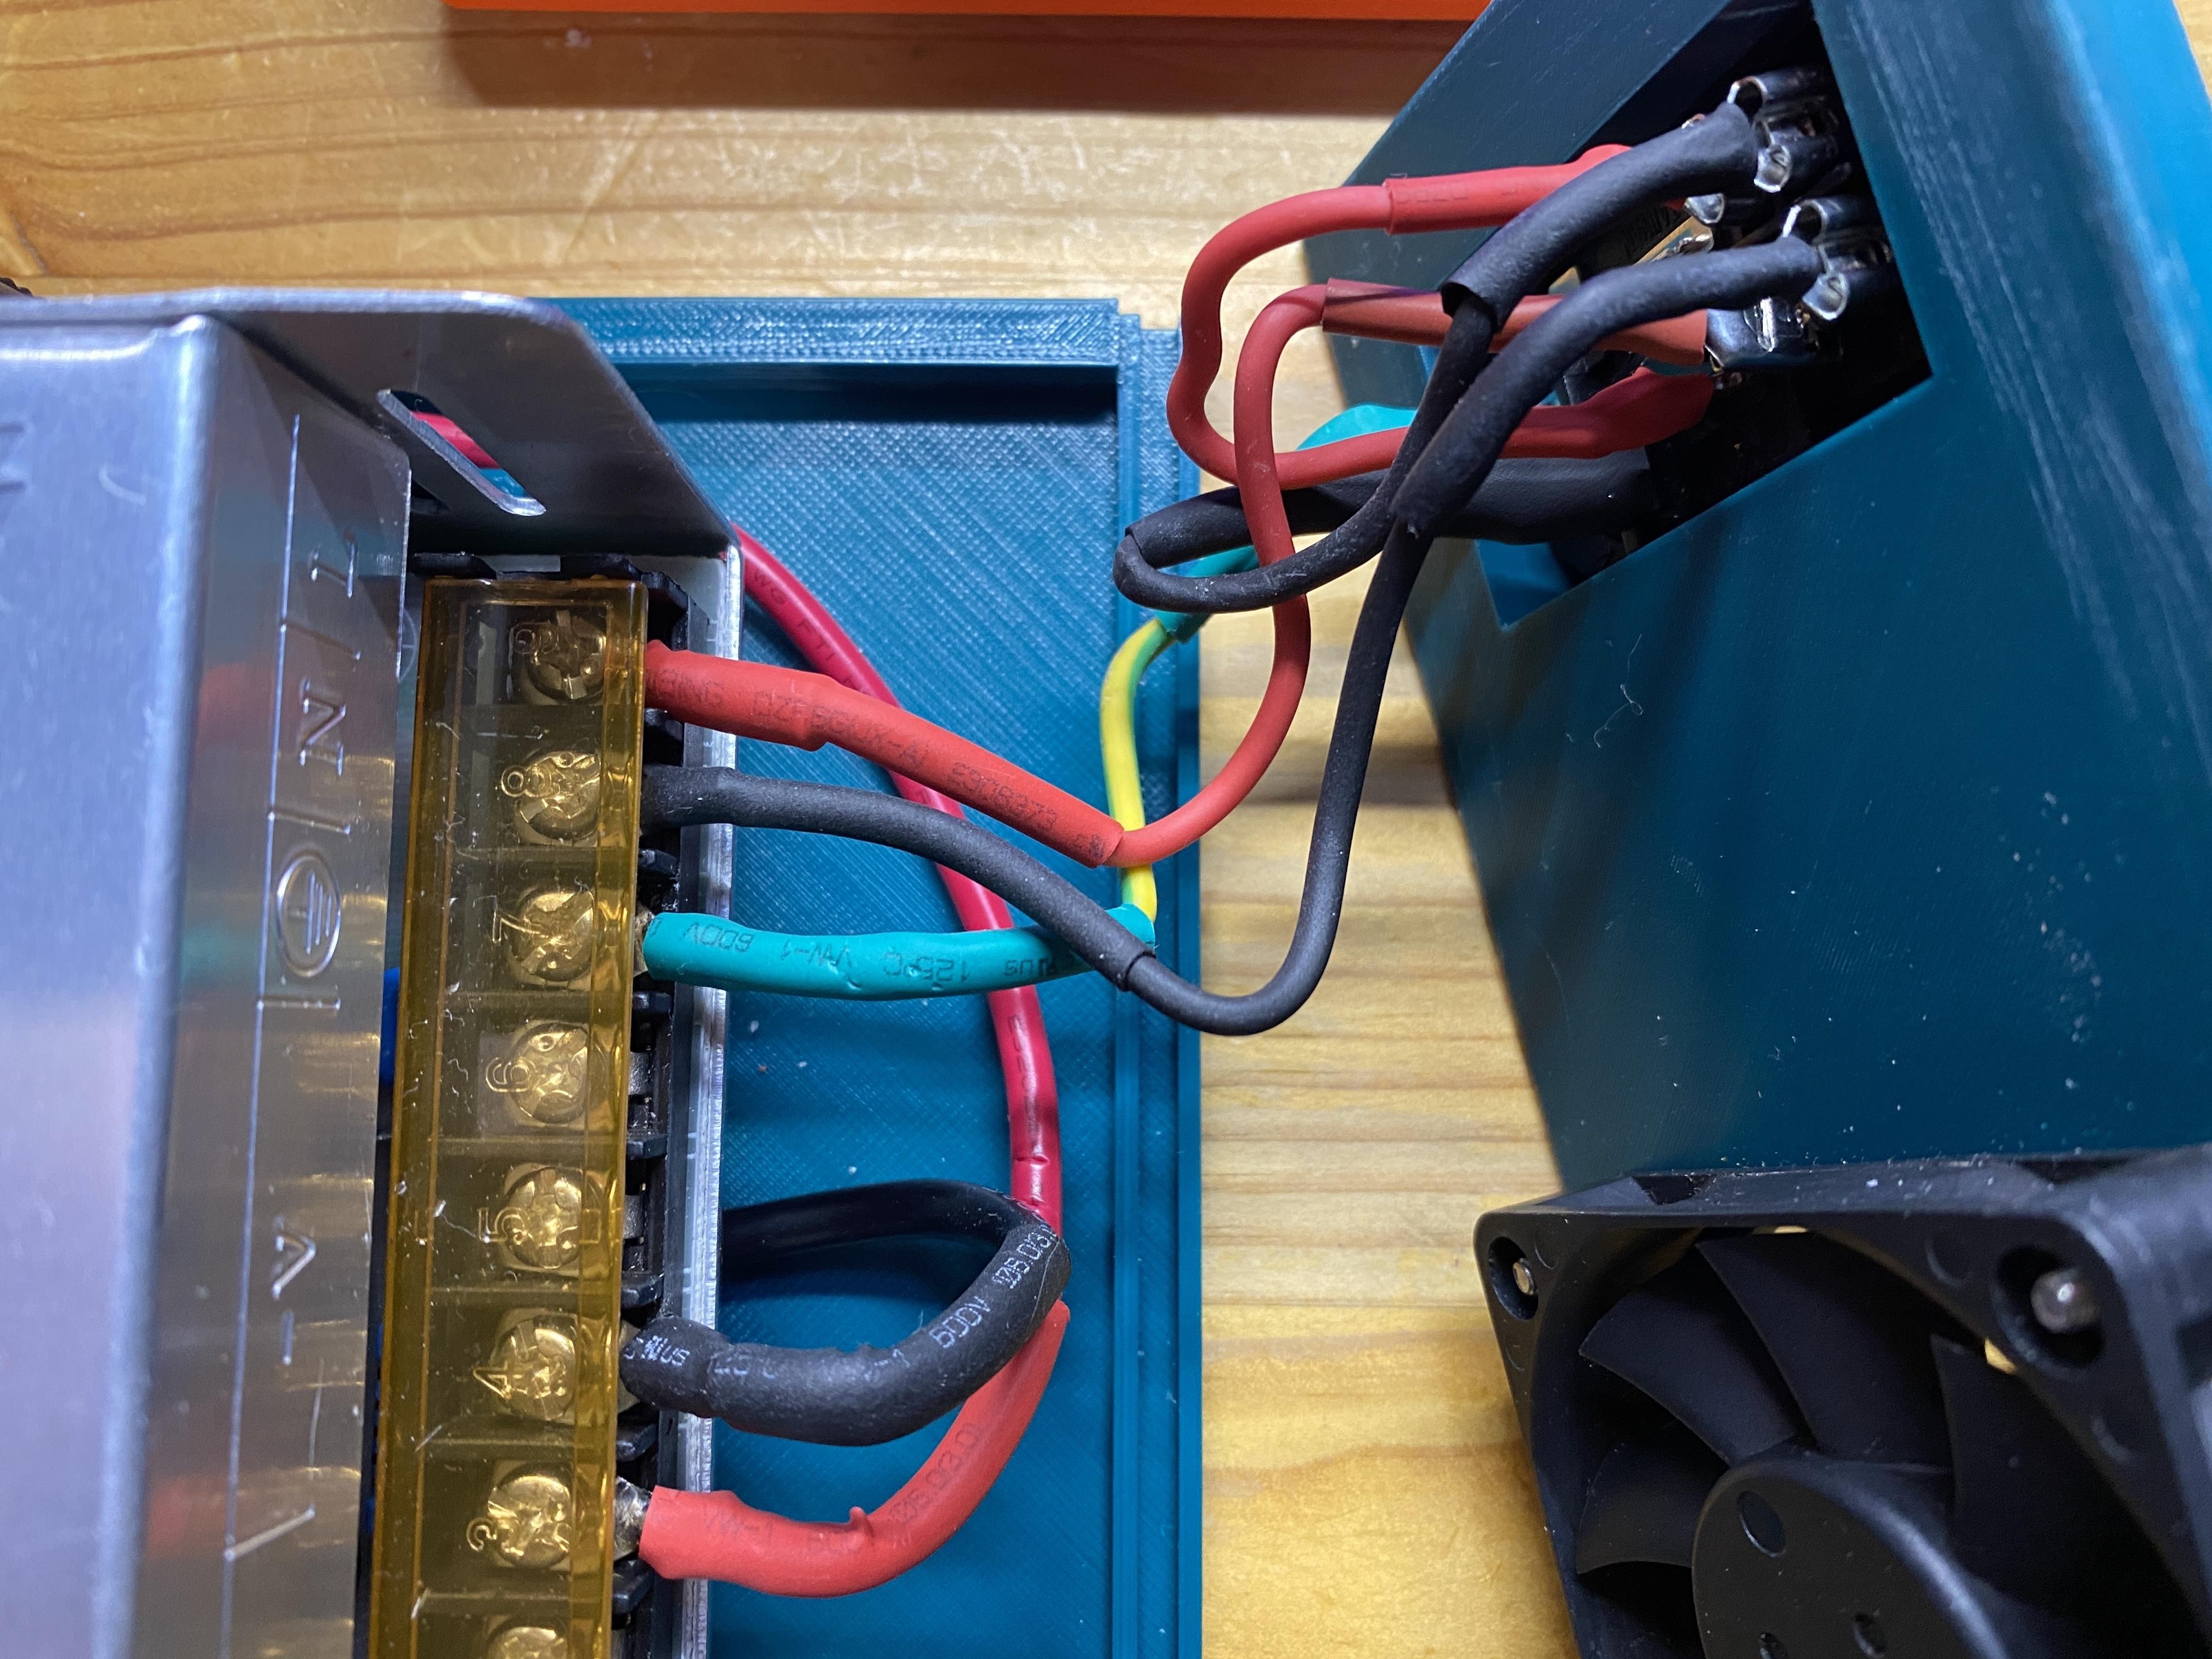 Rear_Panel_showing_wiring.jpg Télécharger fichier STL gratuit Affaire Riden RD6006 sur l'alimentation électrique • Objet imprimable en 3D, christinewhybrow